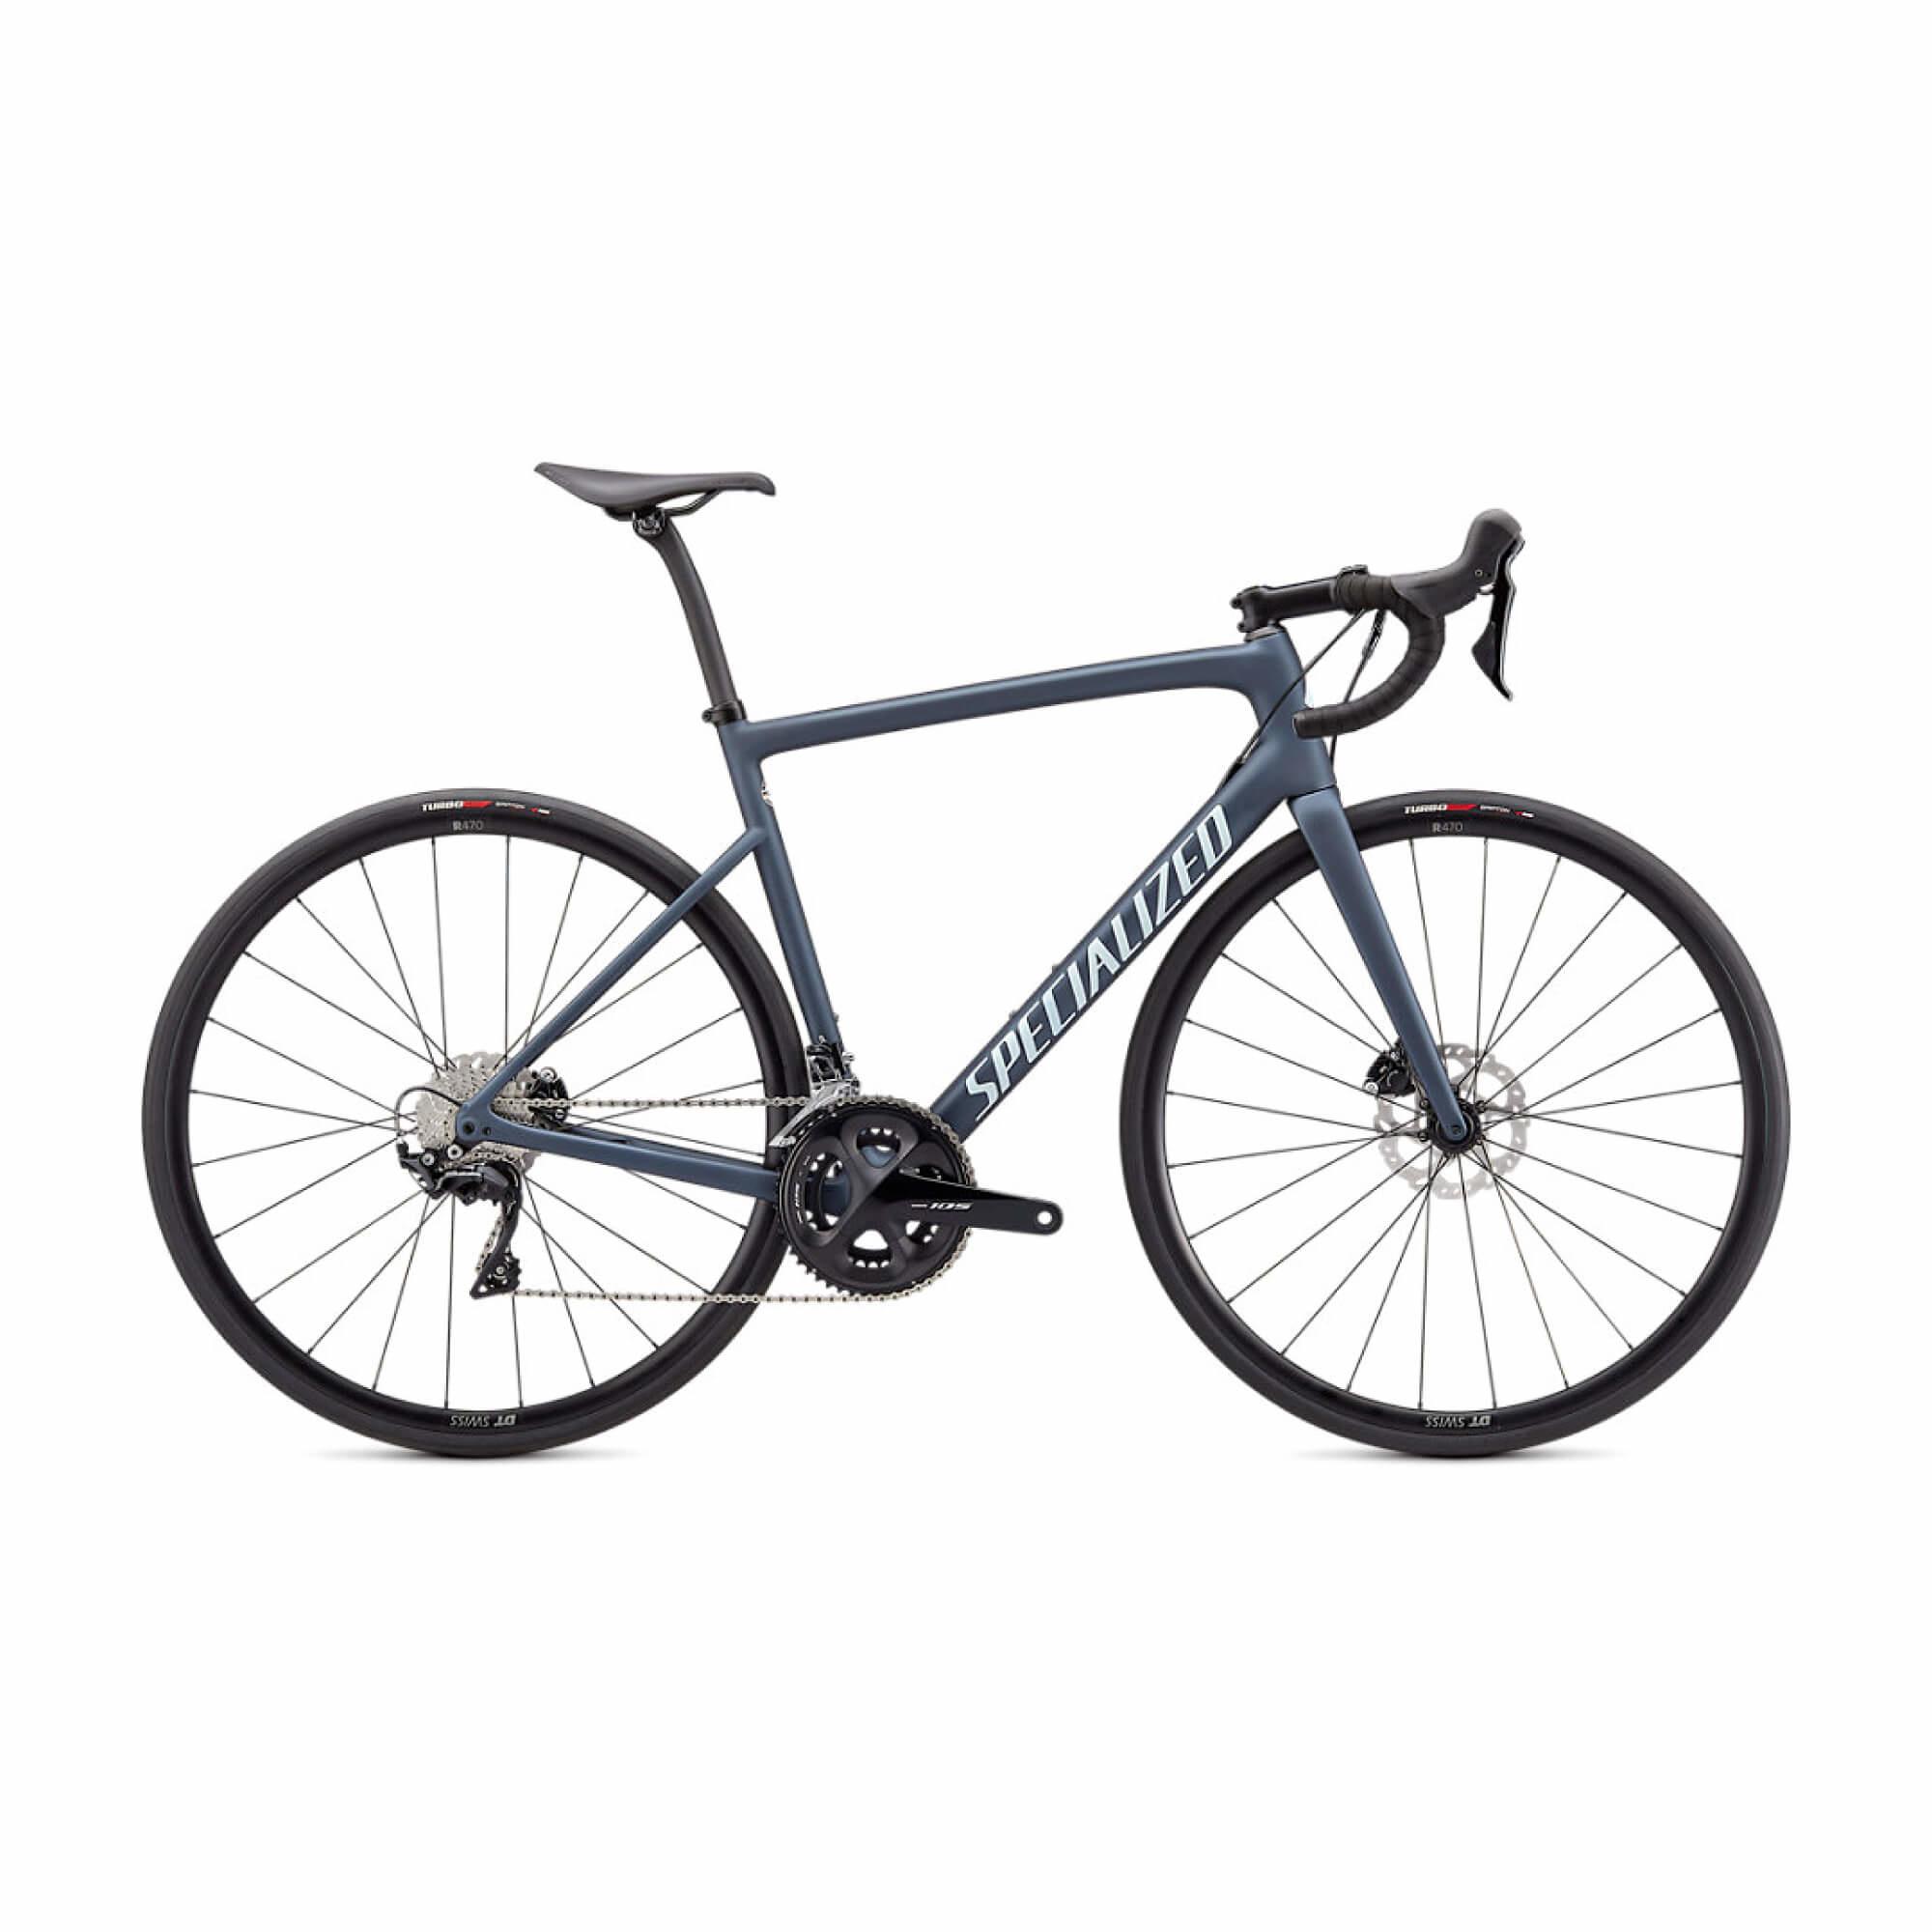 Tarmac SL6 Sport 2021-2